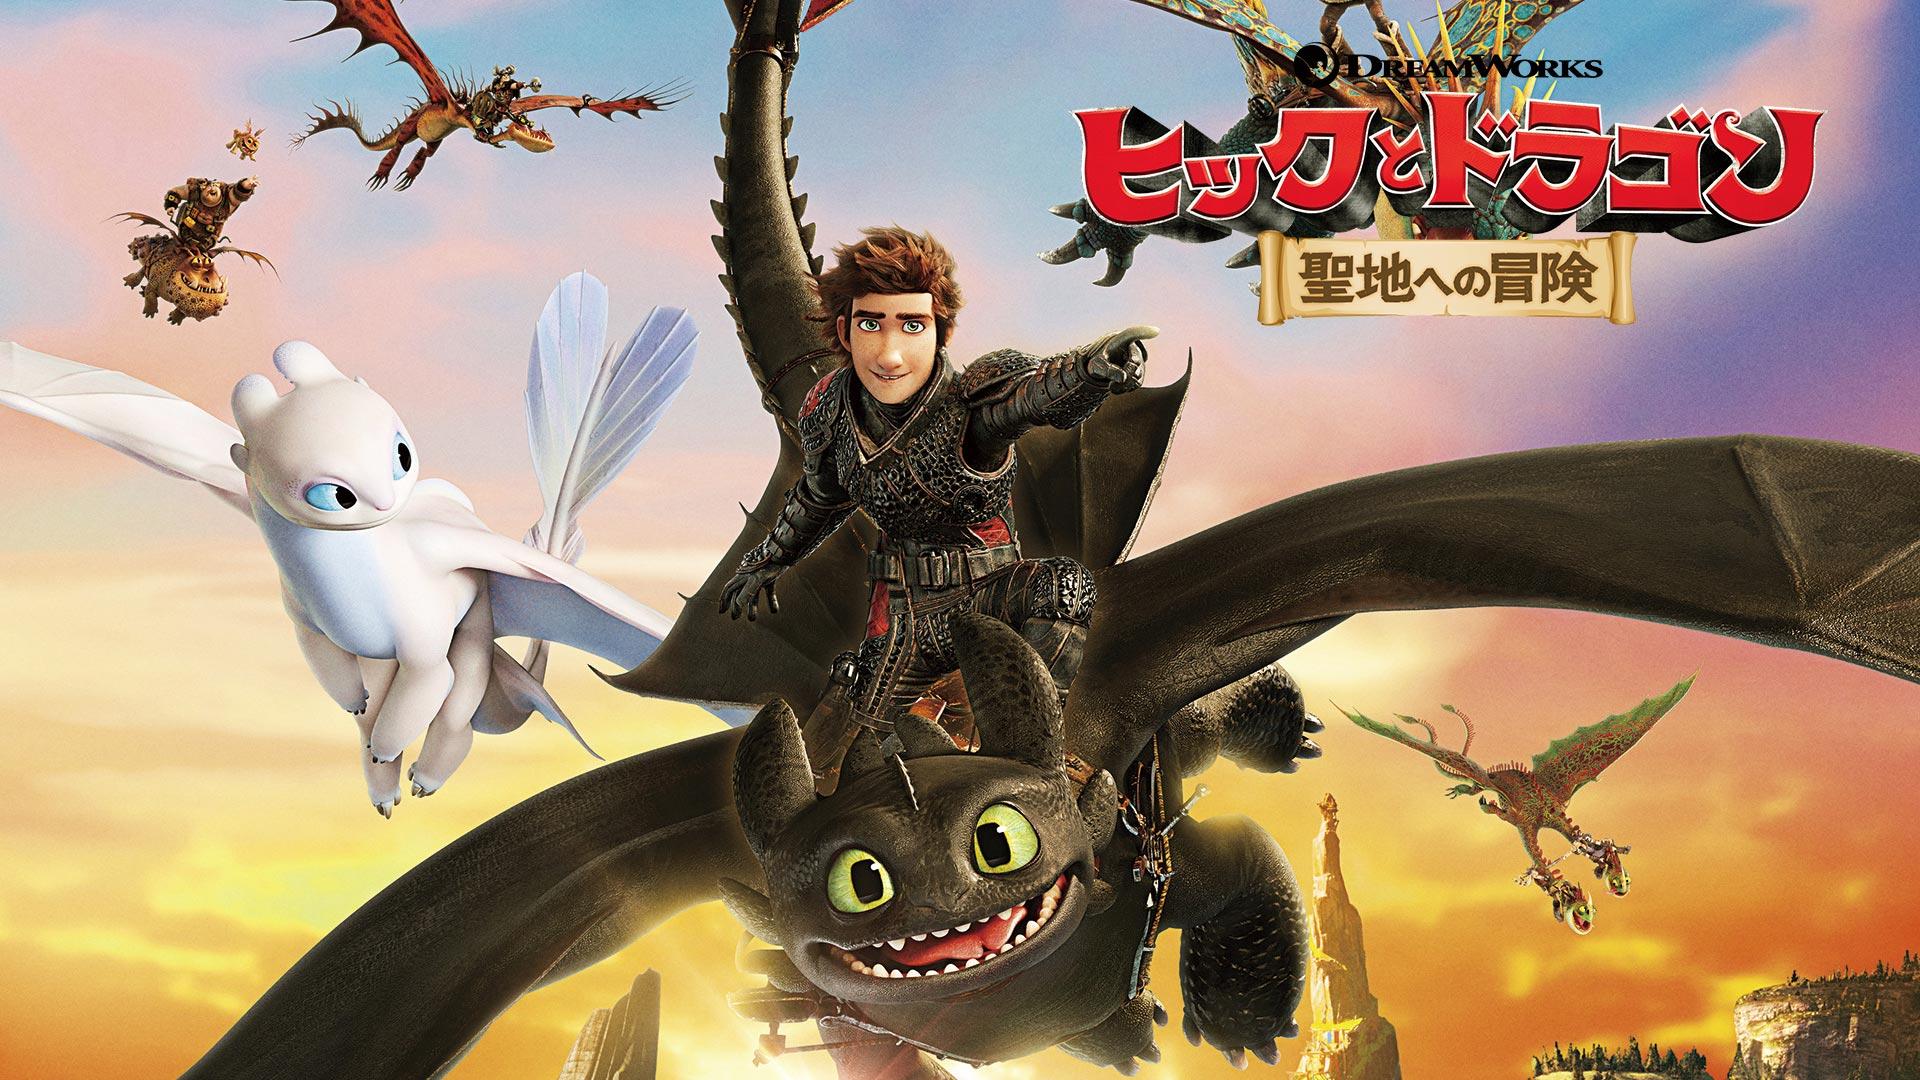 ヒックとドラゴン 聖地への冒険 (吹替版)